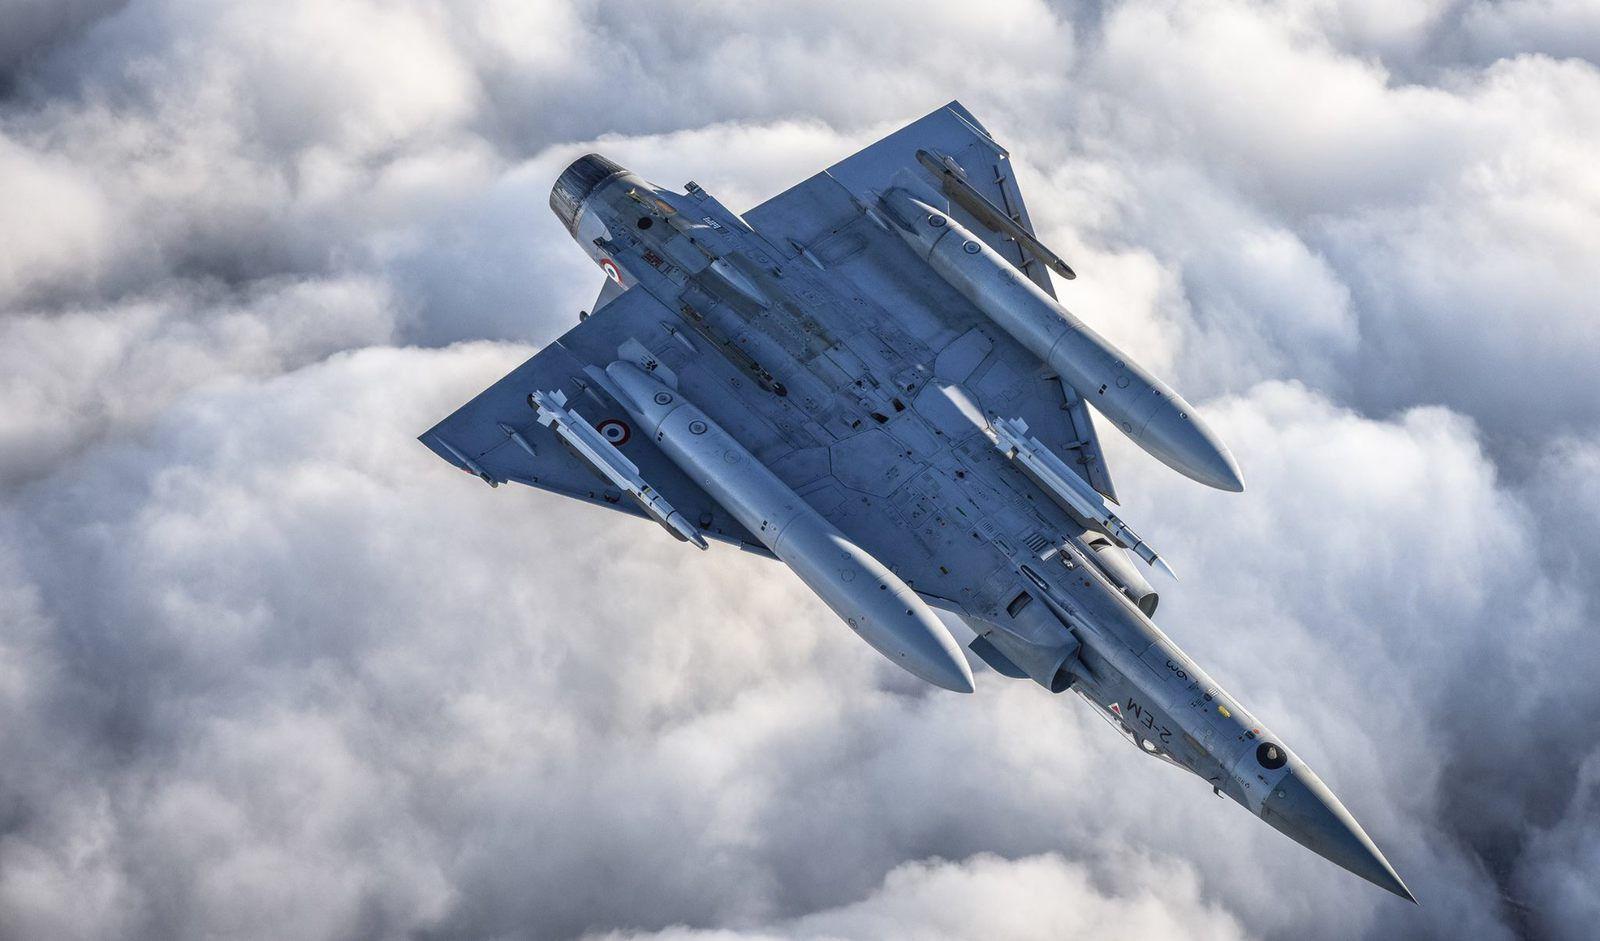 © Ieva Gulbiniene / via Siauliai AFB - Sur le dos, ce Mirage 2000-5F montre ses «crocs» aux photographes.